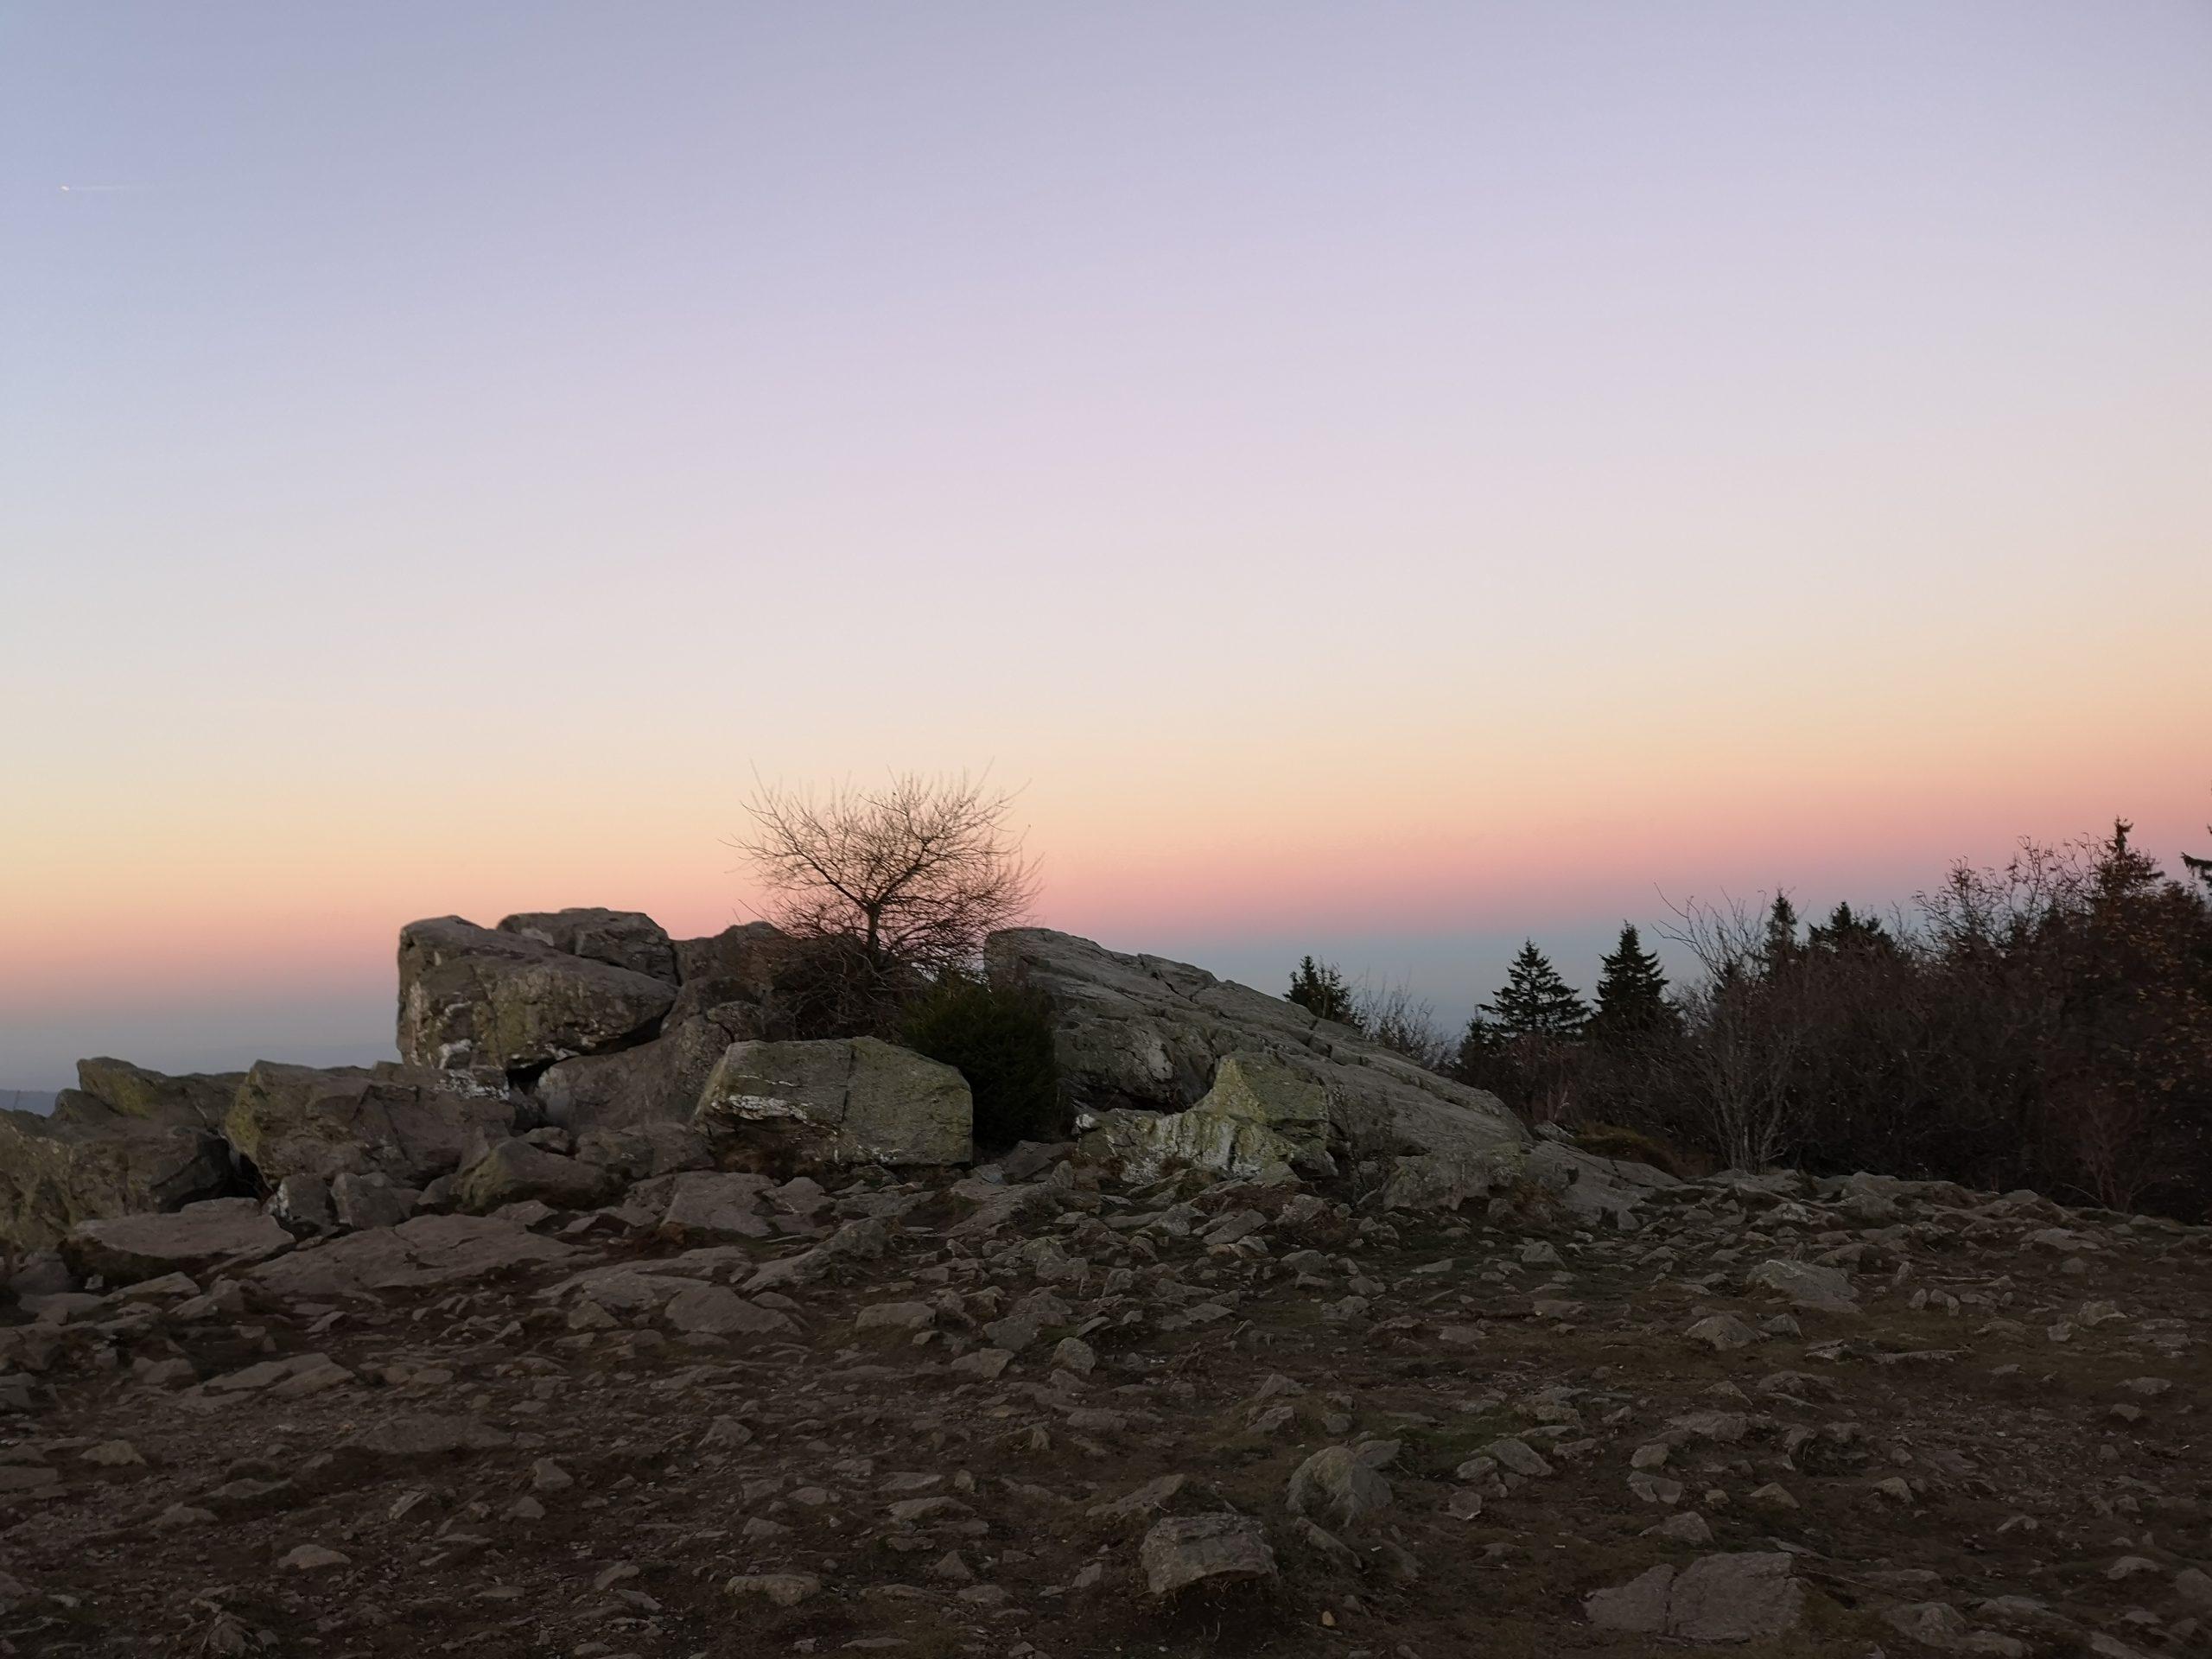 Sonnenuntergang in rosa und lila auf einem Berg im Wald. Metapher für den steilen Weg des Escorts und die schönen Abende die man verbringt